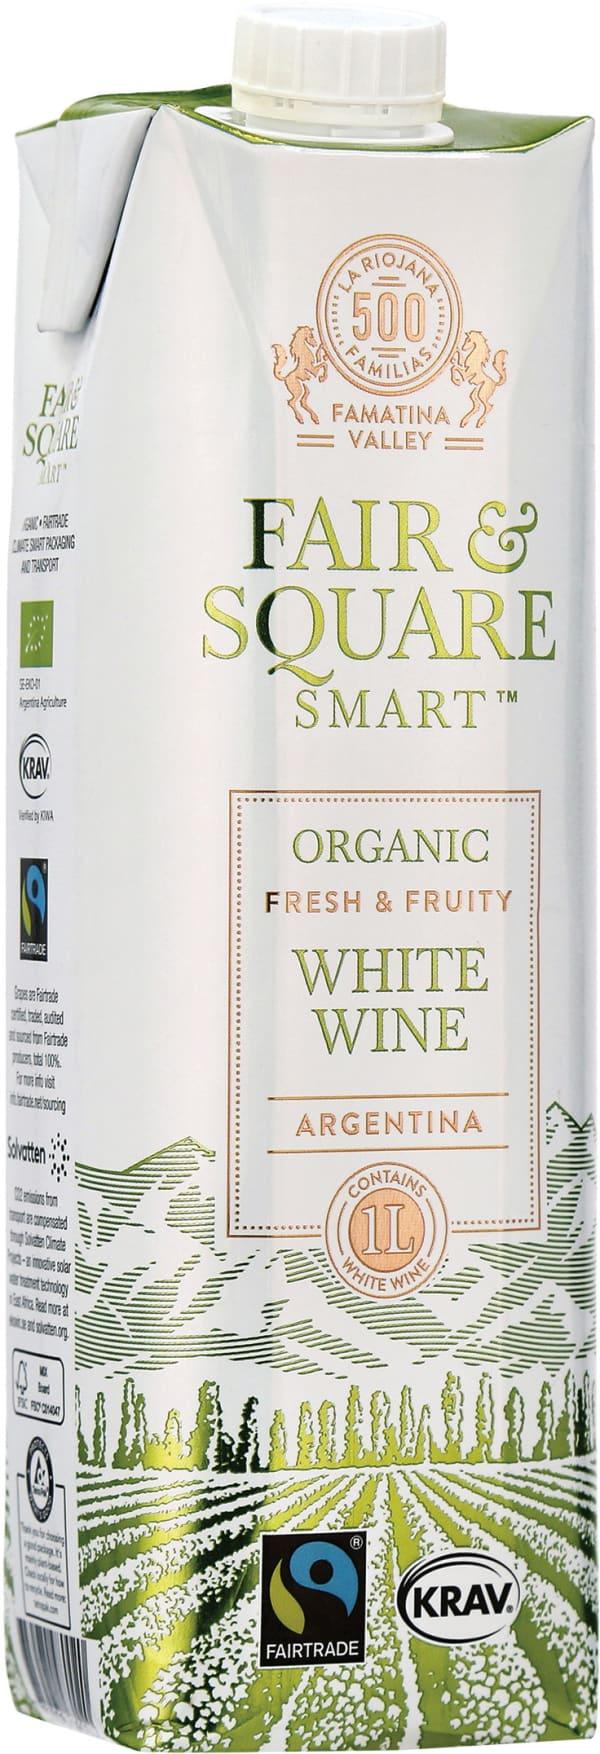 Fair & Square White 2018 carton package